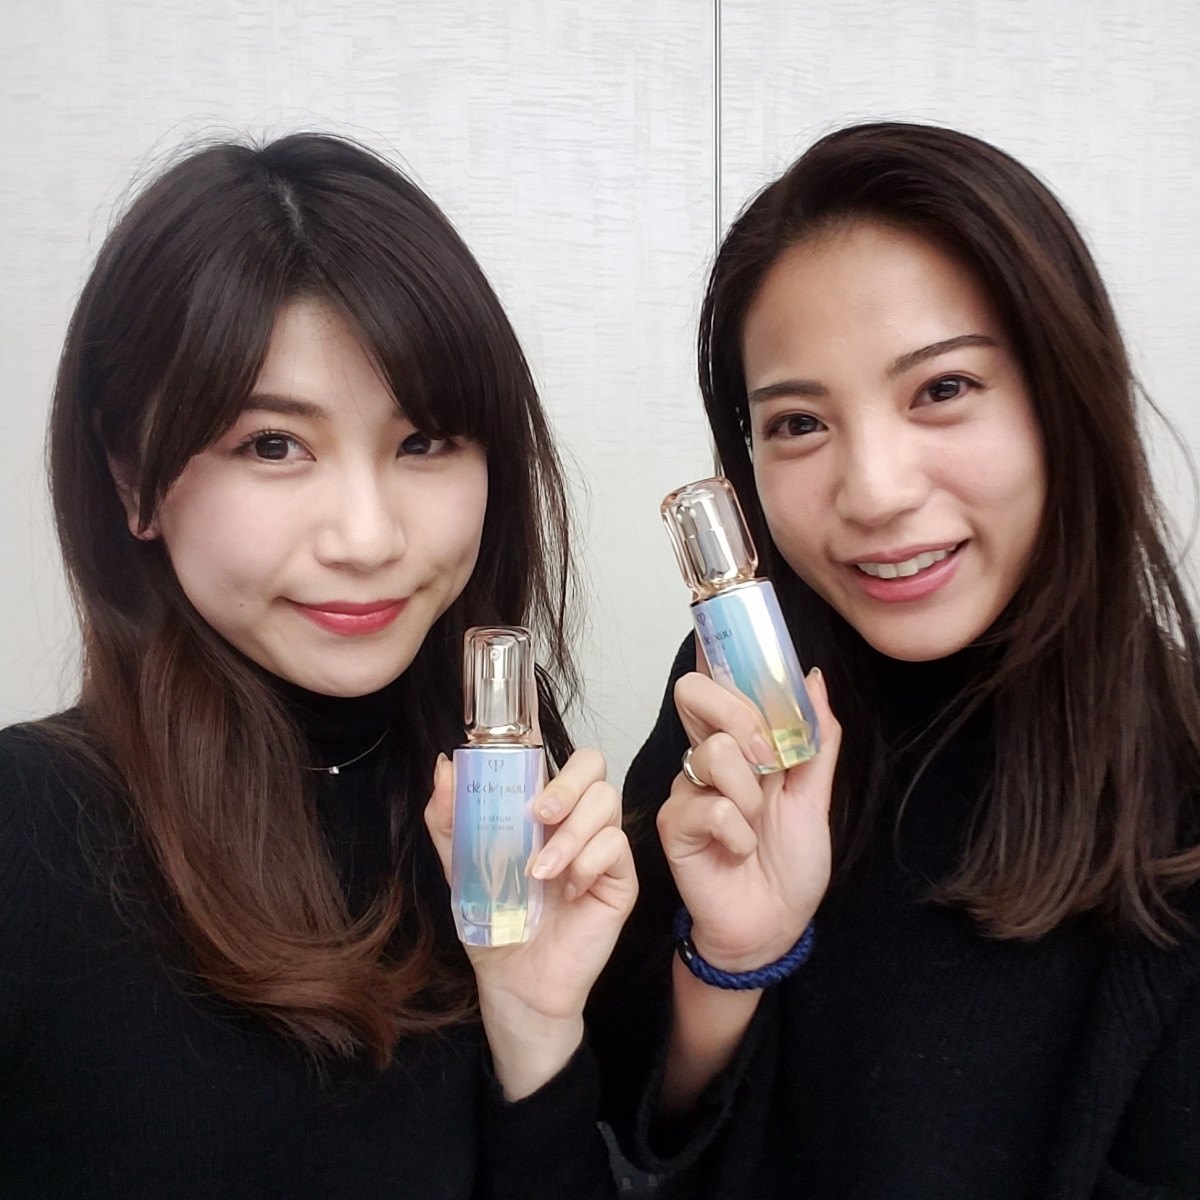 ♡ベススキンケア大賞受賞♡ cle de peau BEAUTE(クレ・ド・ポーボーテ)